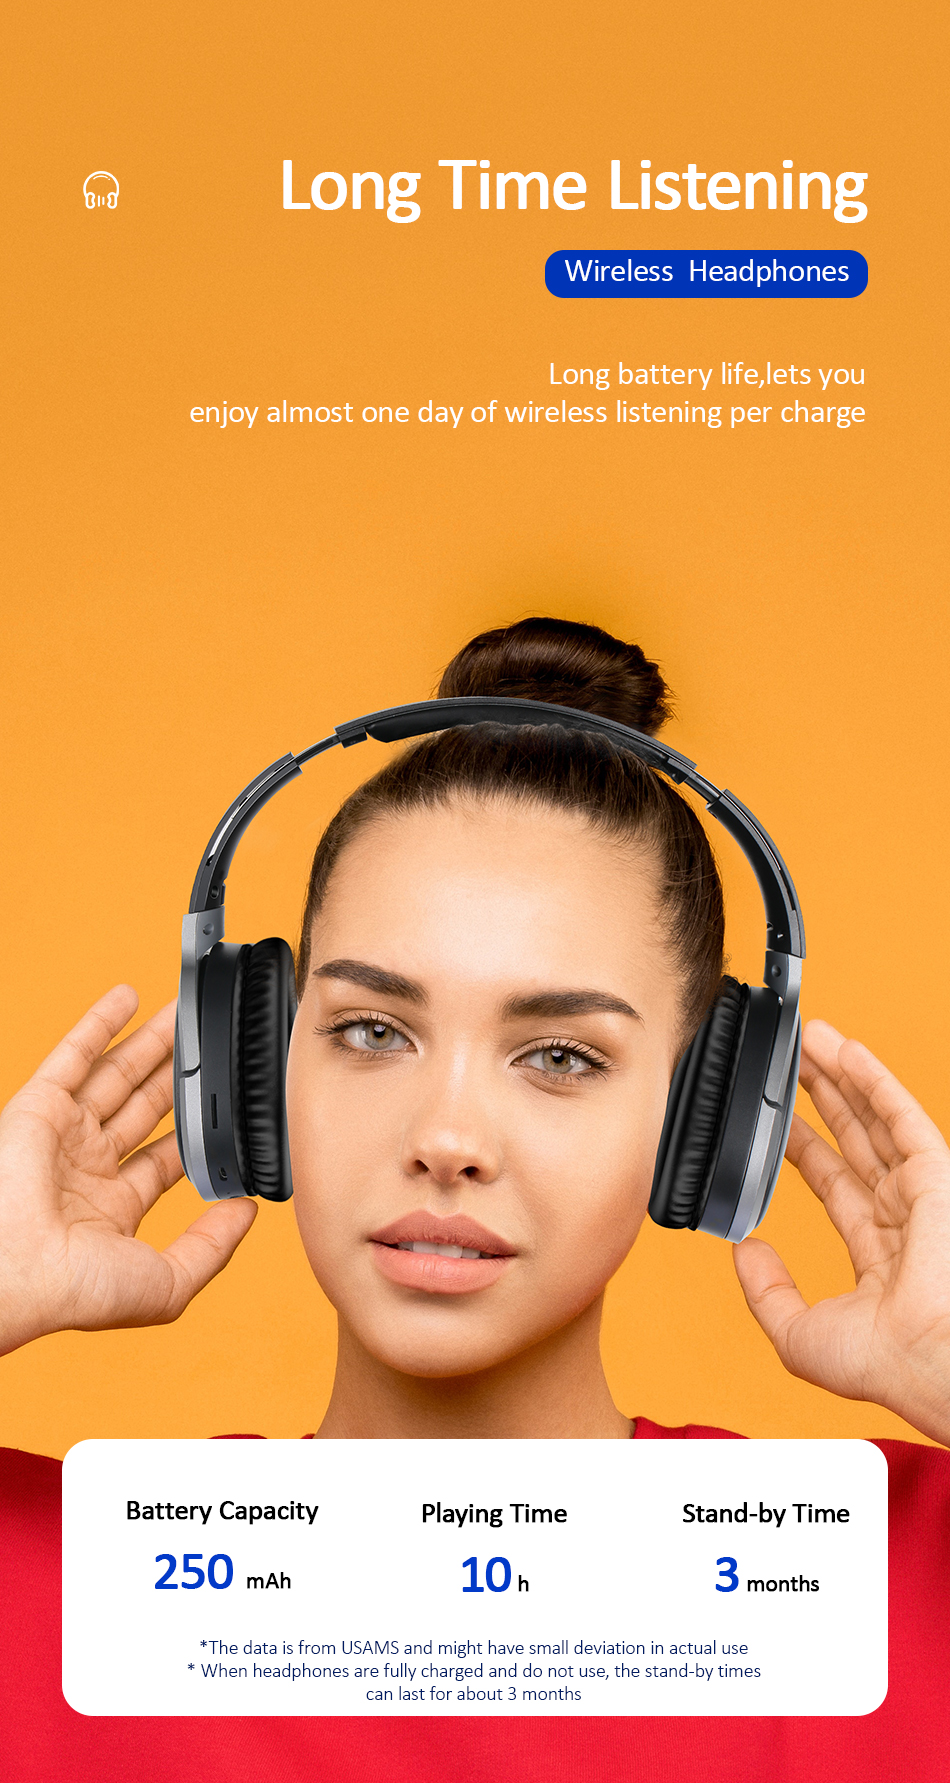 US-YN001-头戴蓝牙耳机-韵朗系列-950px_12